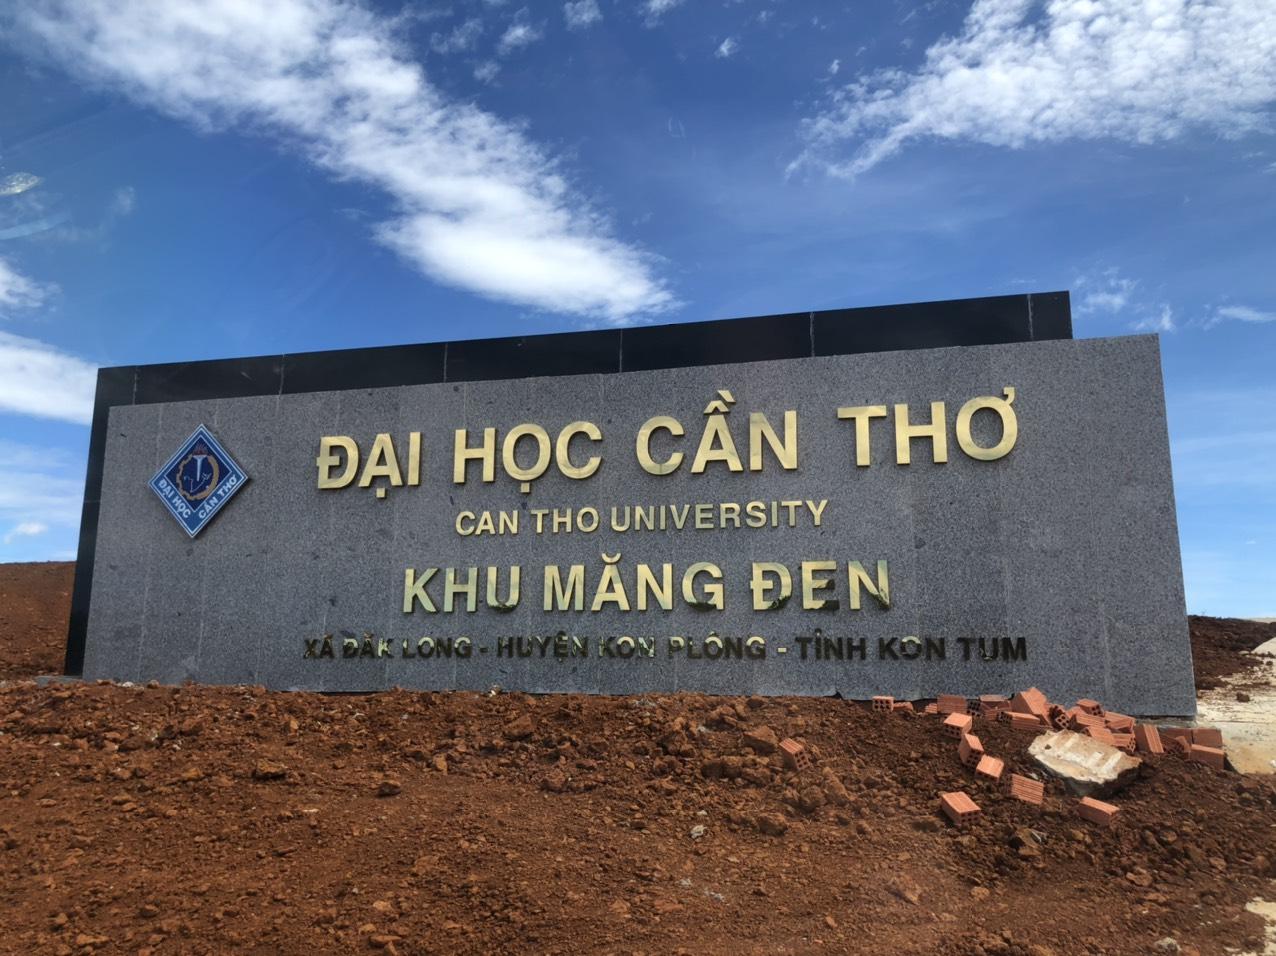 Trường đại học Cần Thơ cũng đã mở chi nhánh trên mảnh đất Măng Đen Thân Thương này.